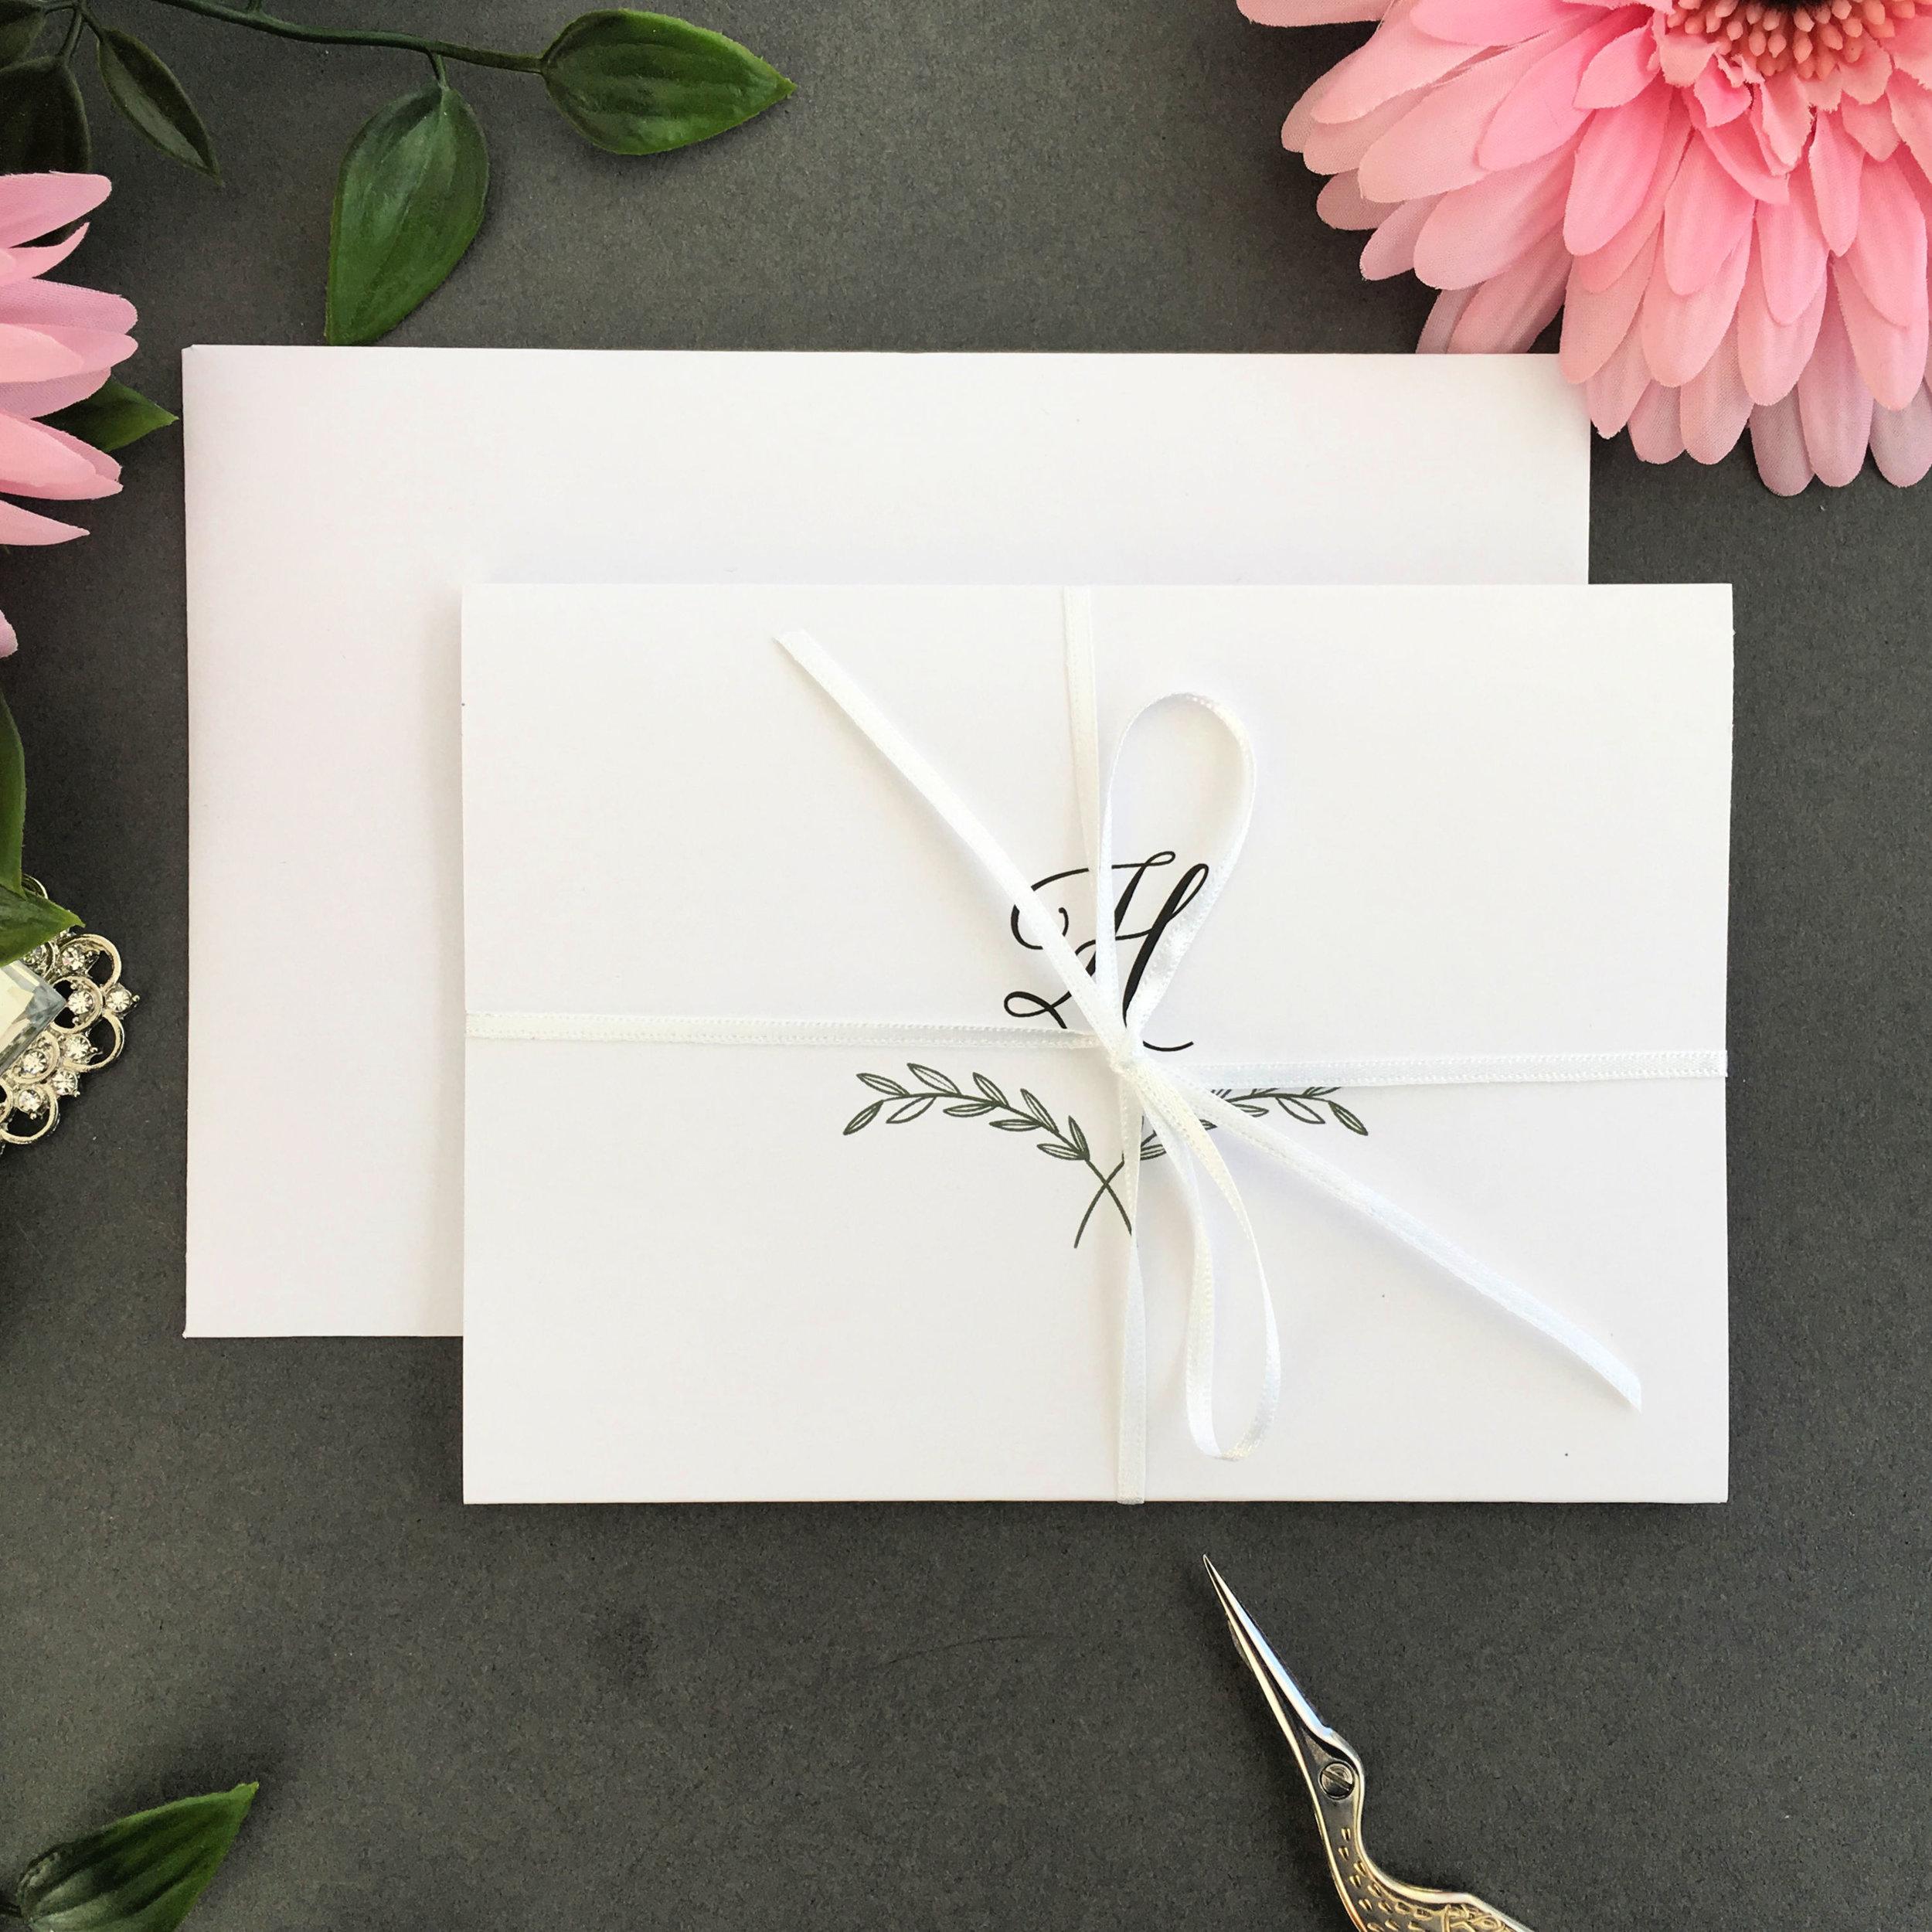 Paddington concertina invitation shown with White ribbon tie